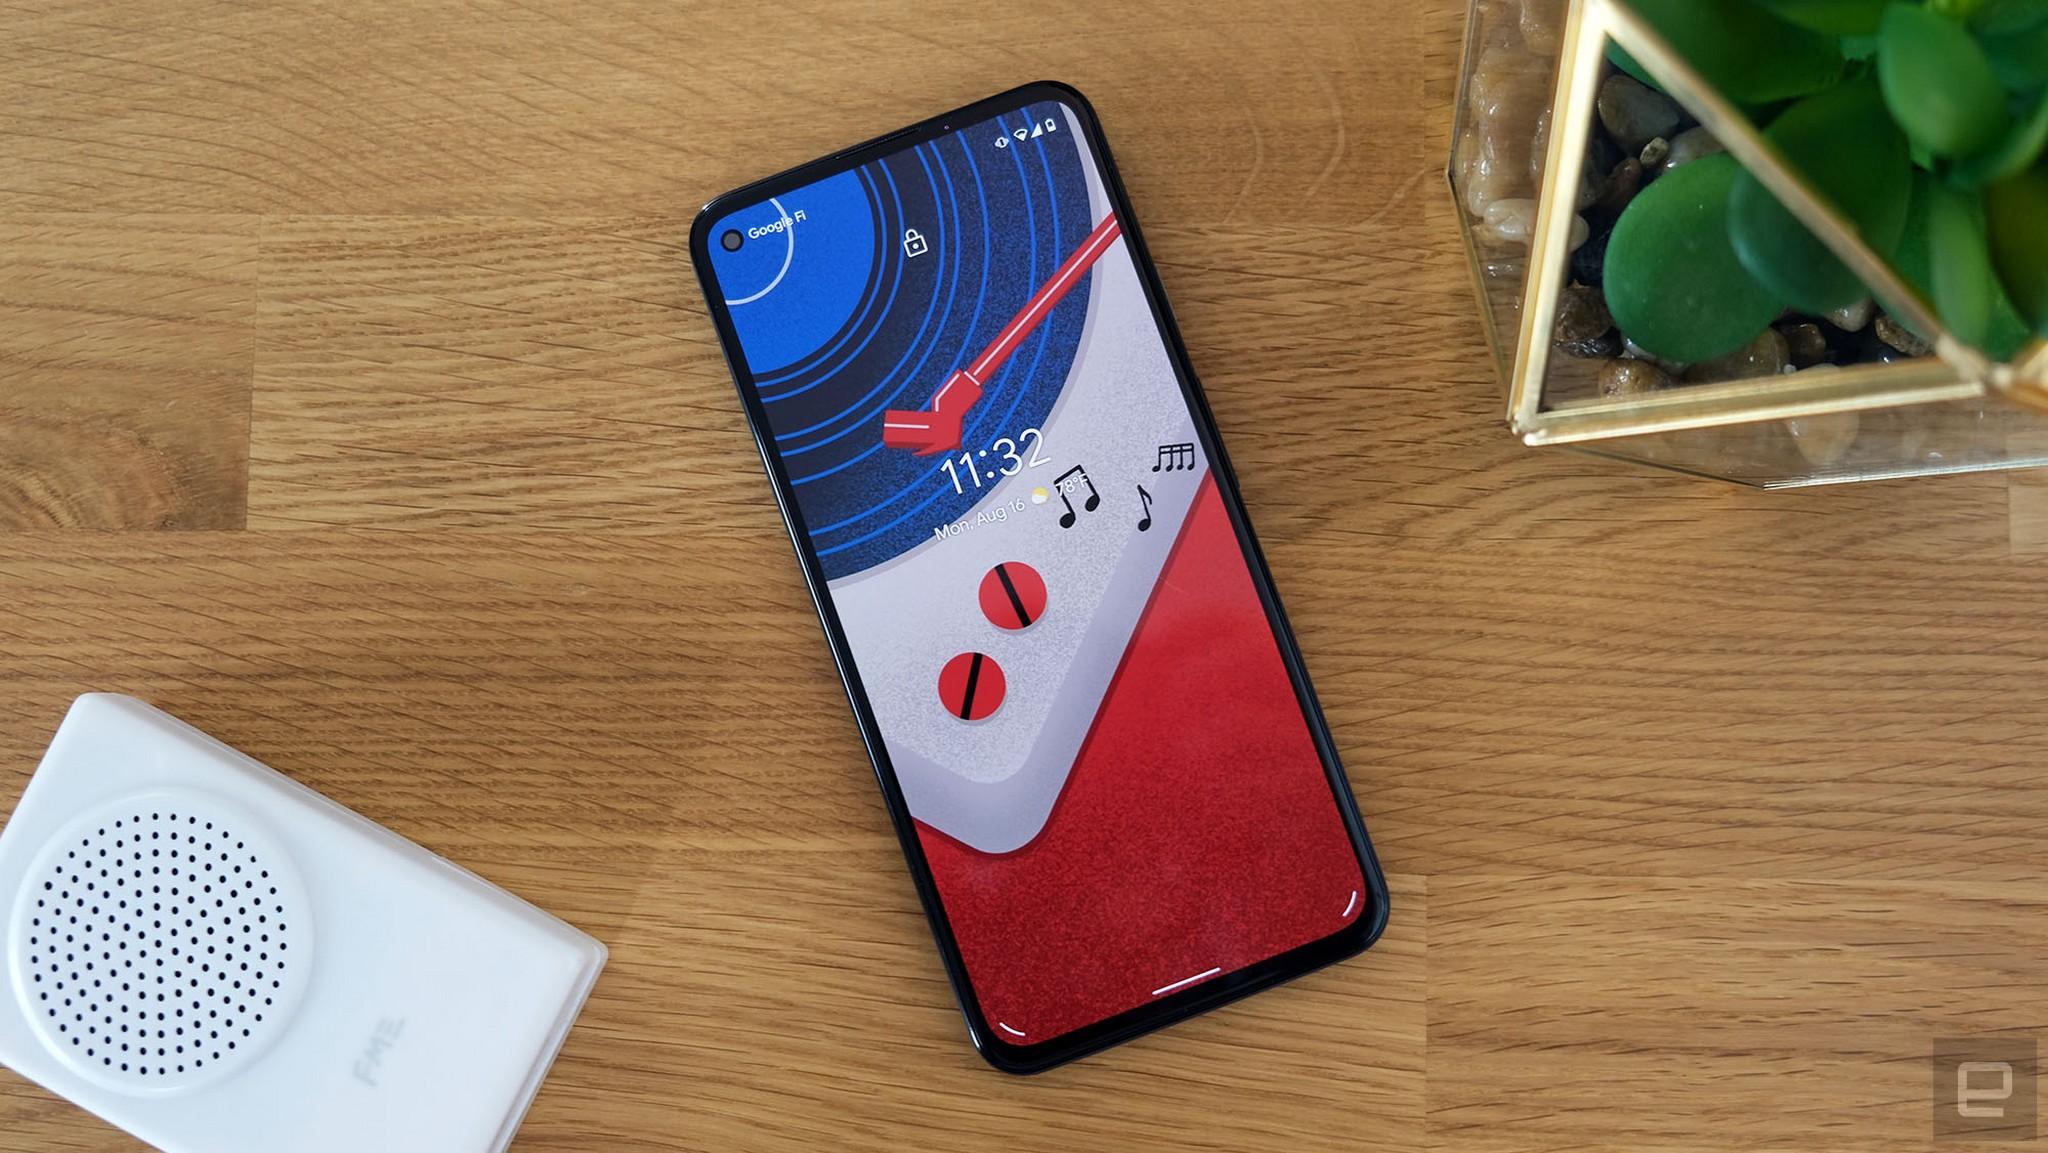 Pixel 5a review: The 4a 5G wasn't broken, so Google didn't fix it